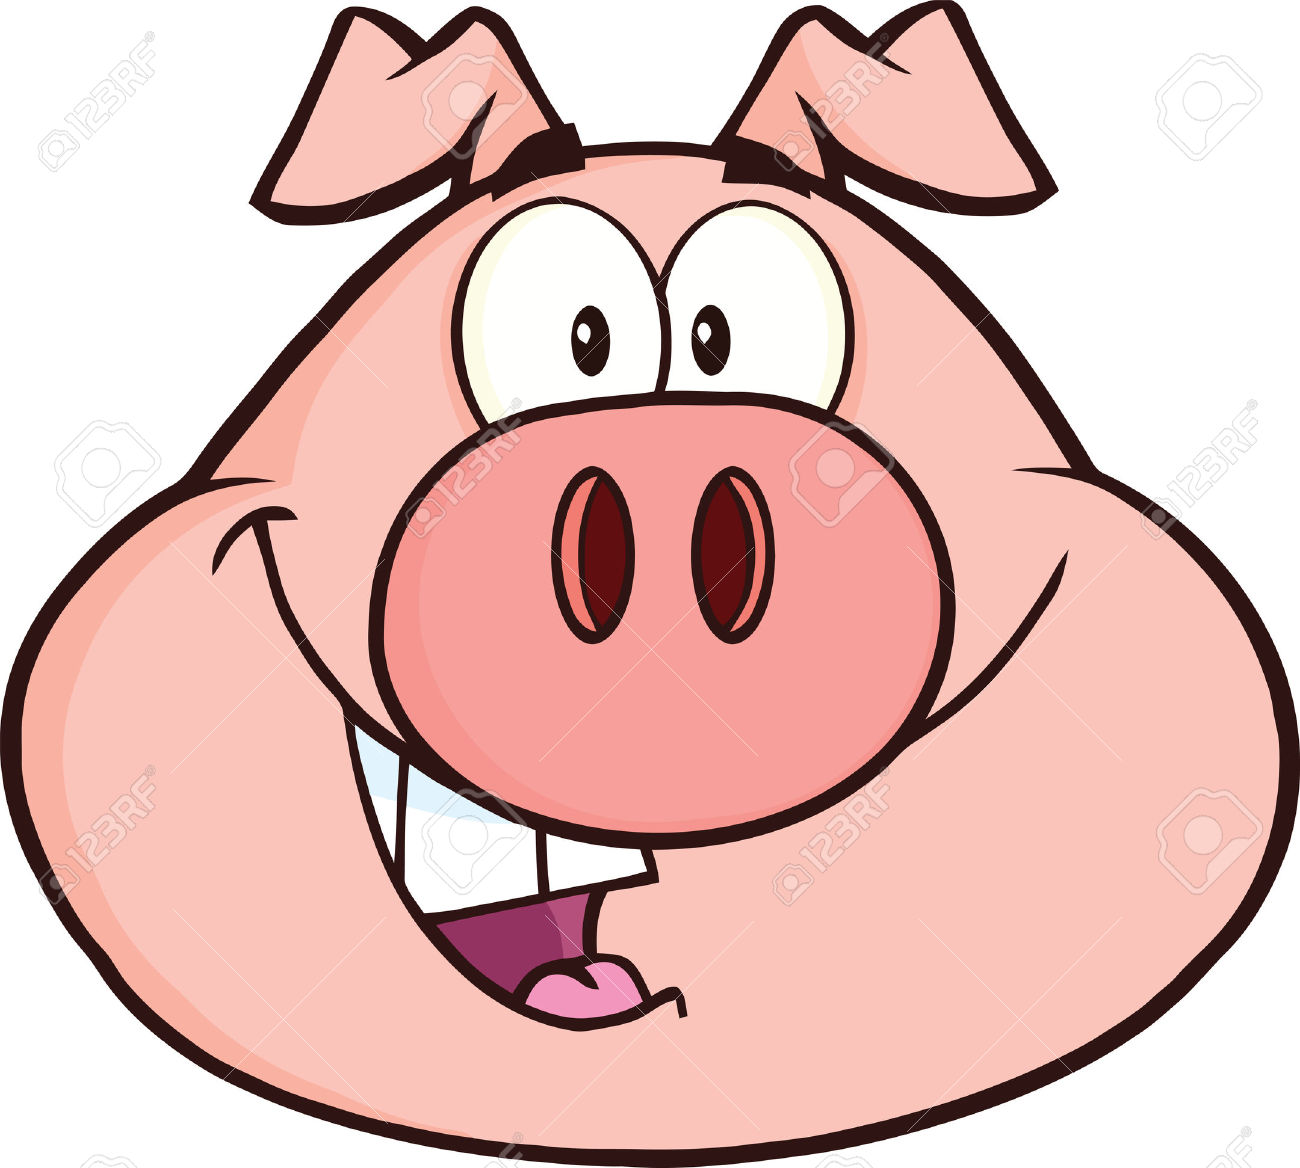 1300x1168 Pork Clipart Pig Head